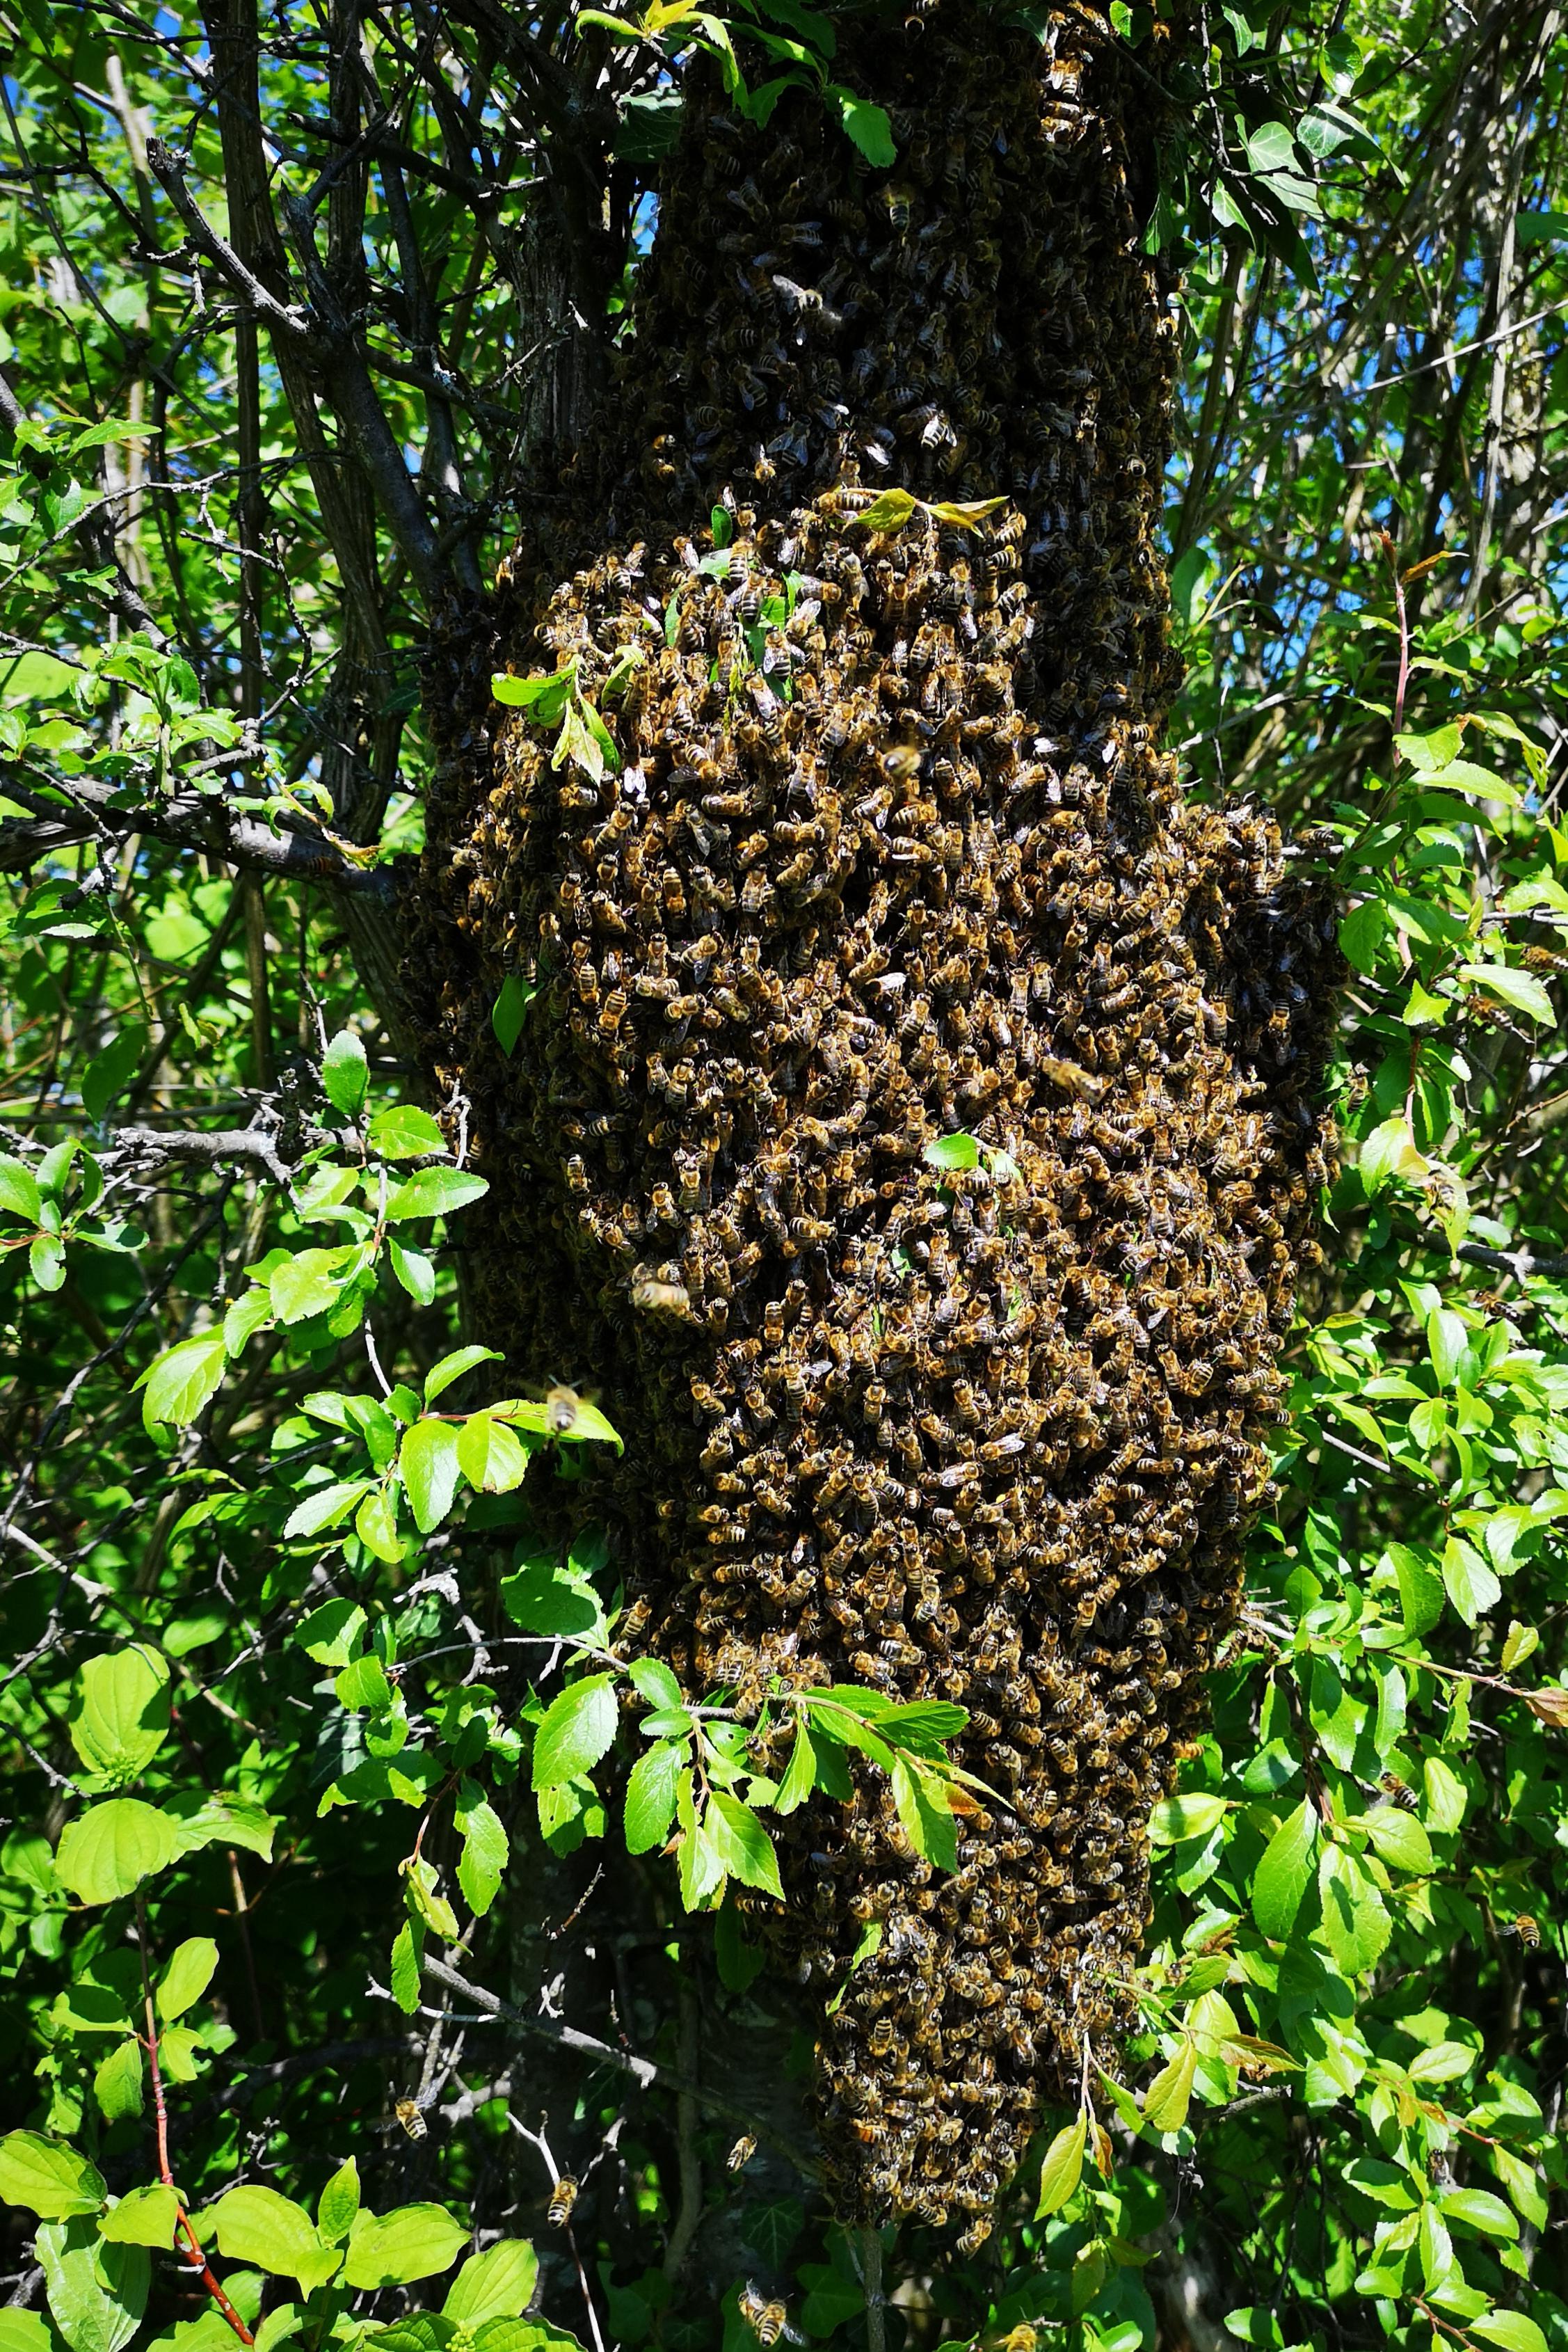 Erster Schwarm am 1. Mai 2019 an meinem Bienen Stand am Müliberg abgegangen. Ein ziemlich grosses Teil.